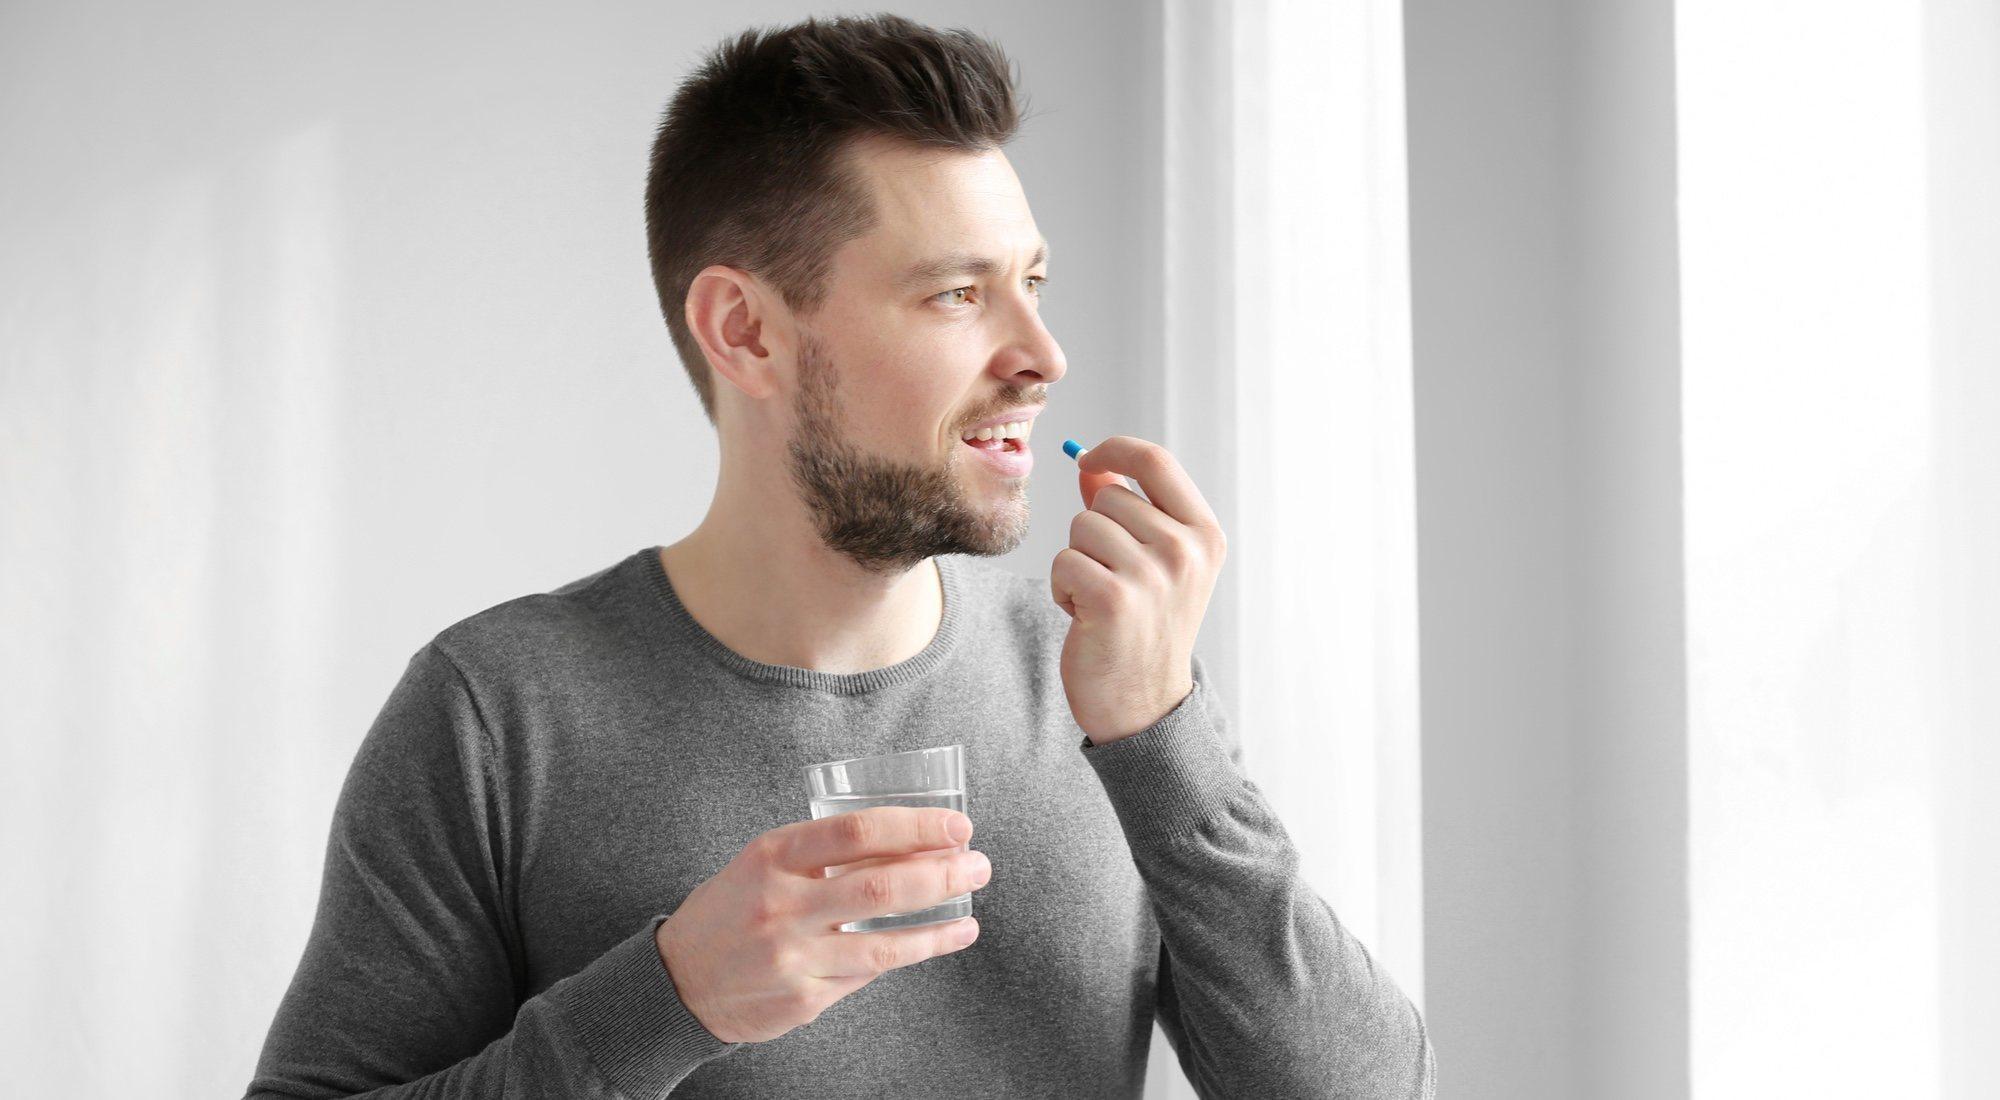 Píldora masculina